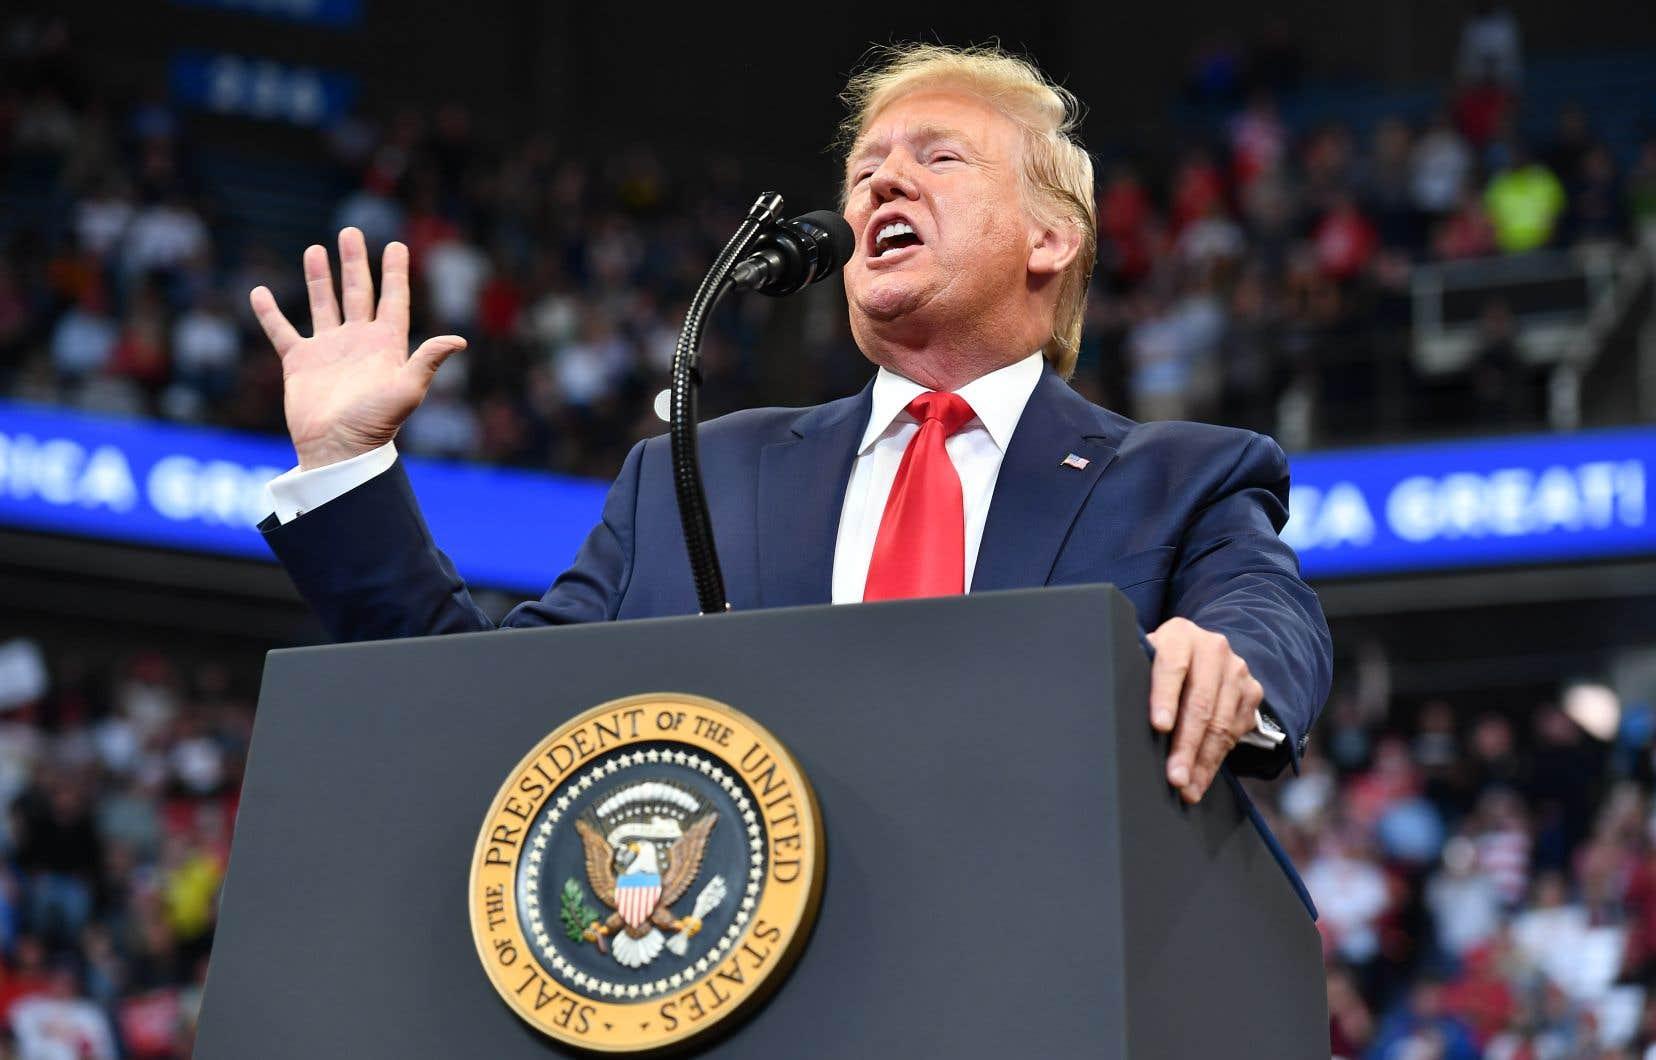 Le président américain Donald Trump, lors d'un rassemblement partisan au Kentucky le 4 novembre dernier